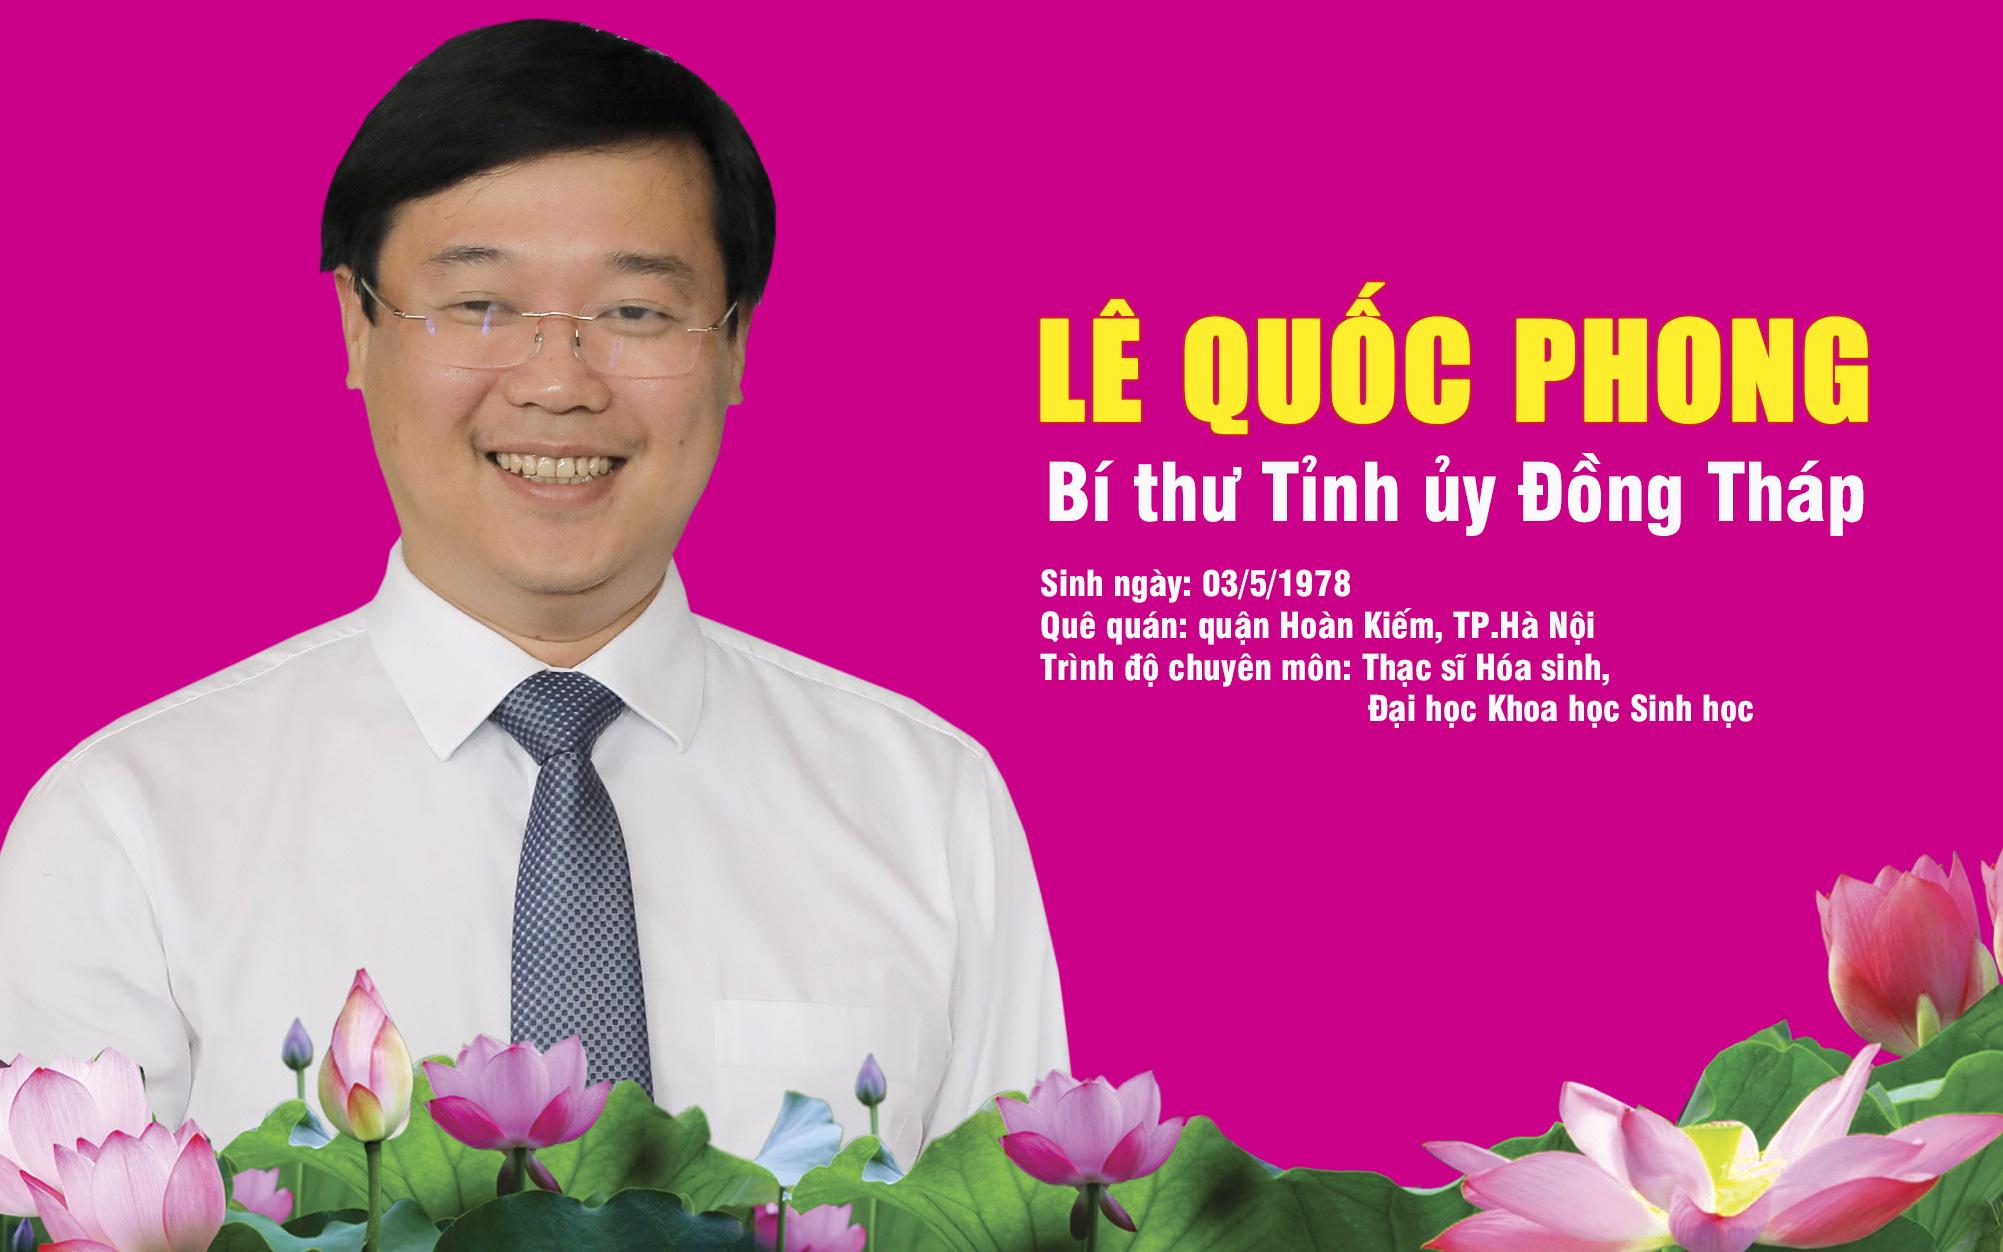 Ông Lê Quốc Phong làm Bí thư Tỉnh ủy Đồng Tháp